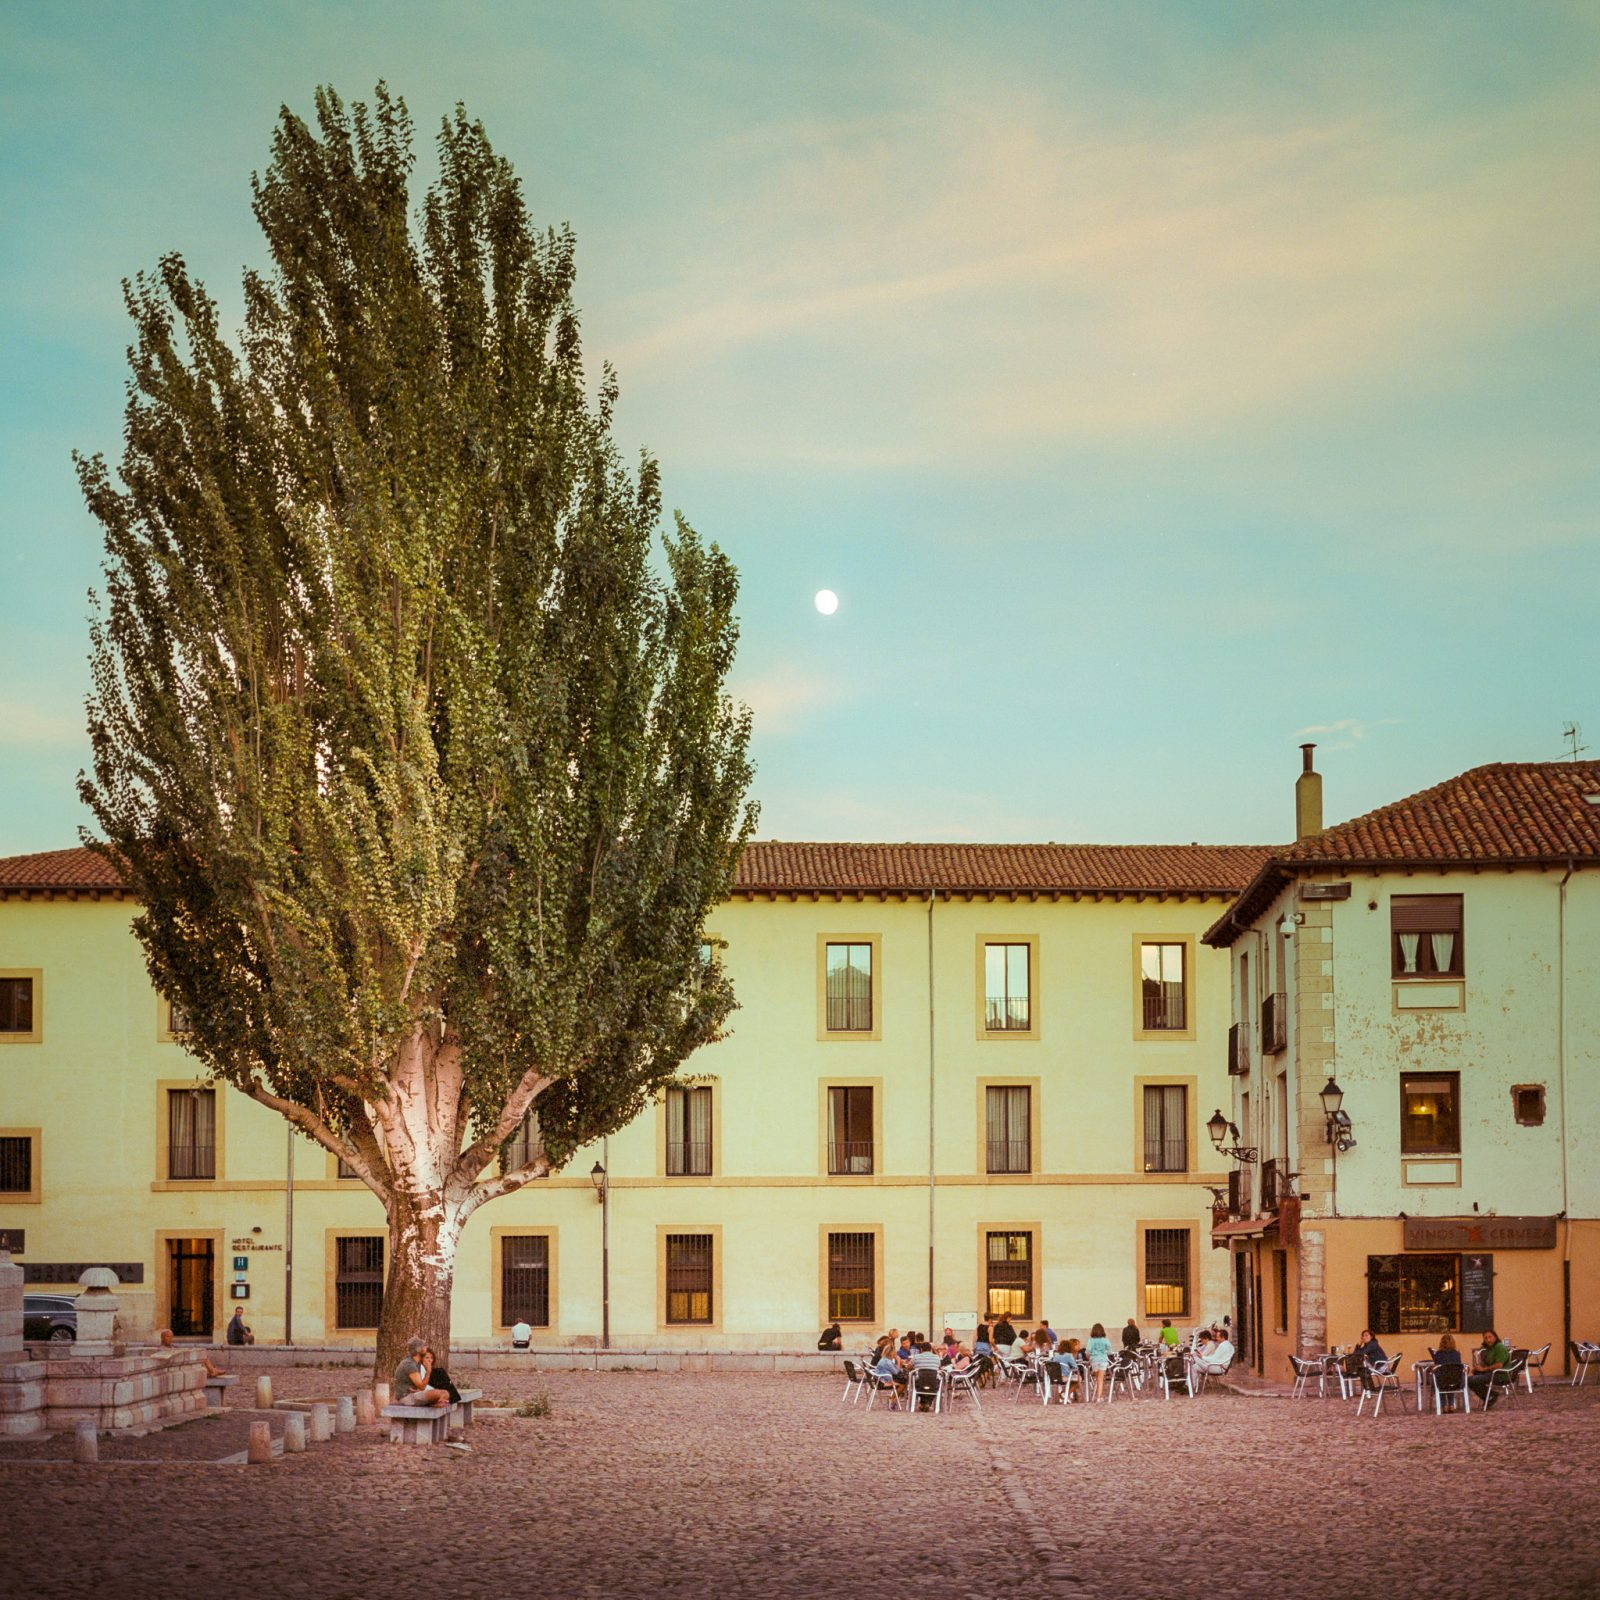 Plaza de Santa María del Camino